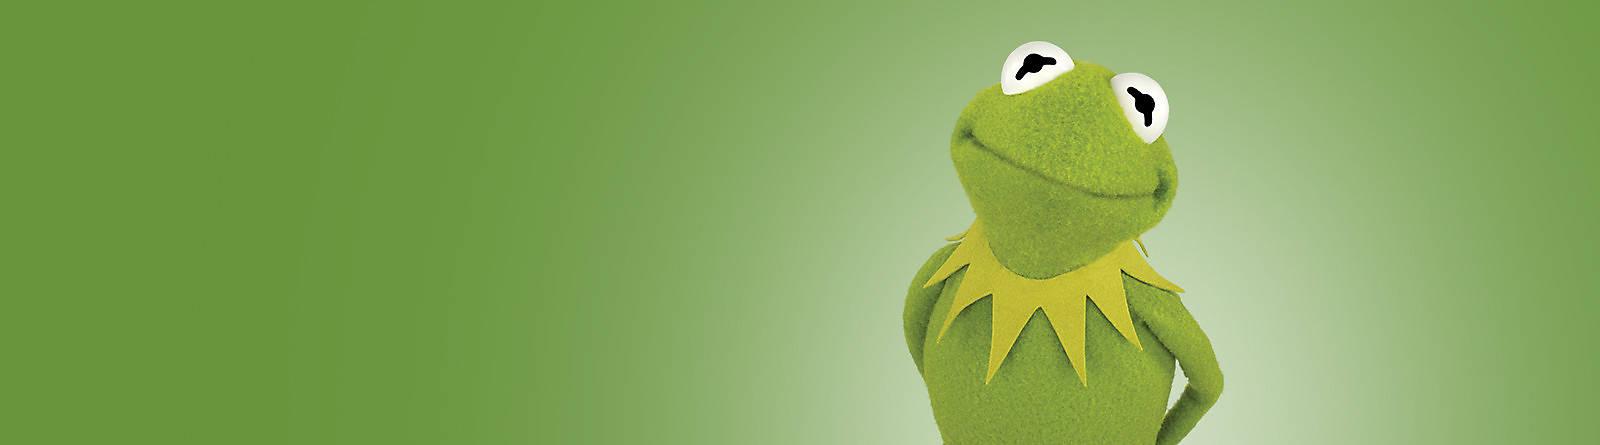 I Muppets Che mondo sarebbe senza i simpaticissimi Muppets? Scopri tutta la nostra più sensazionale, celebrativa, divertente gamma di prodotti e articoli legati ai personaggi dei Muppets